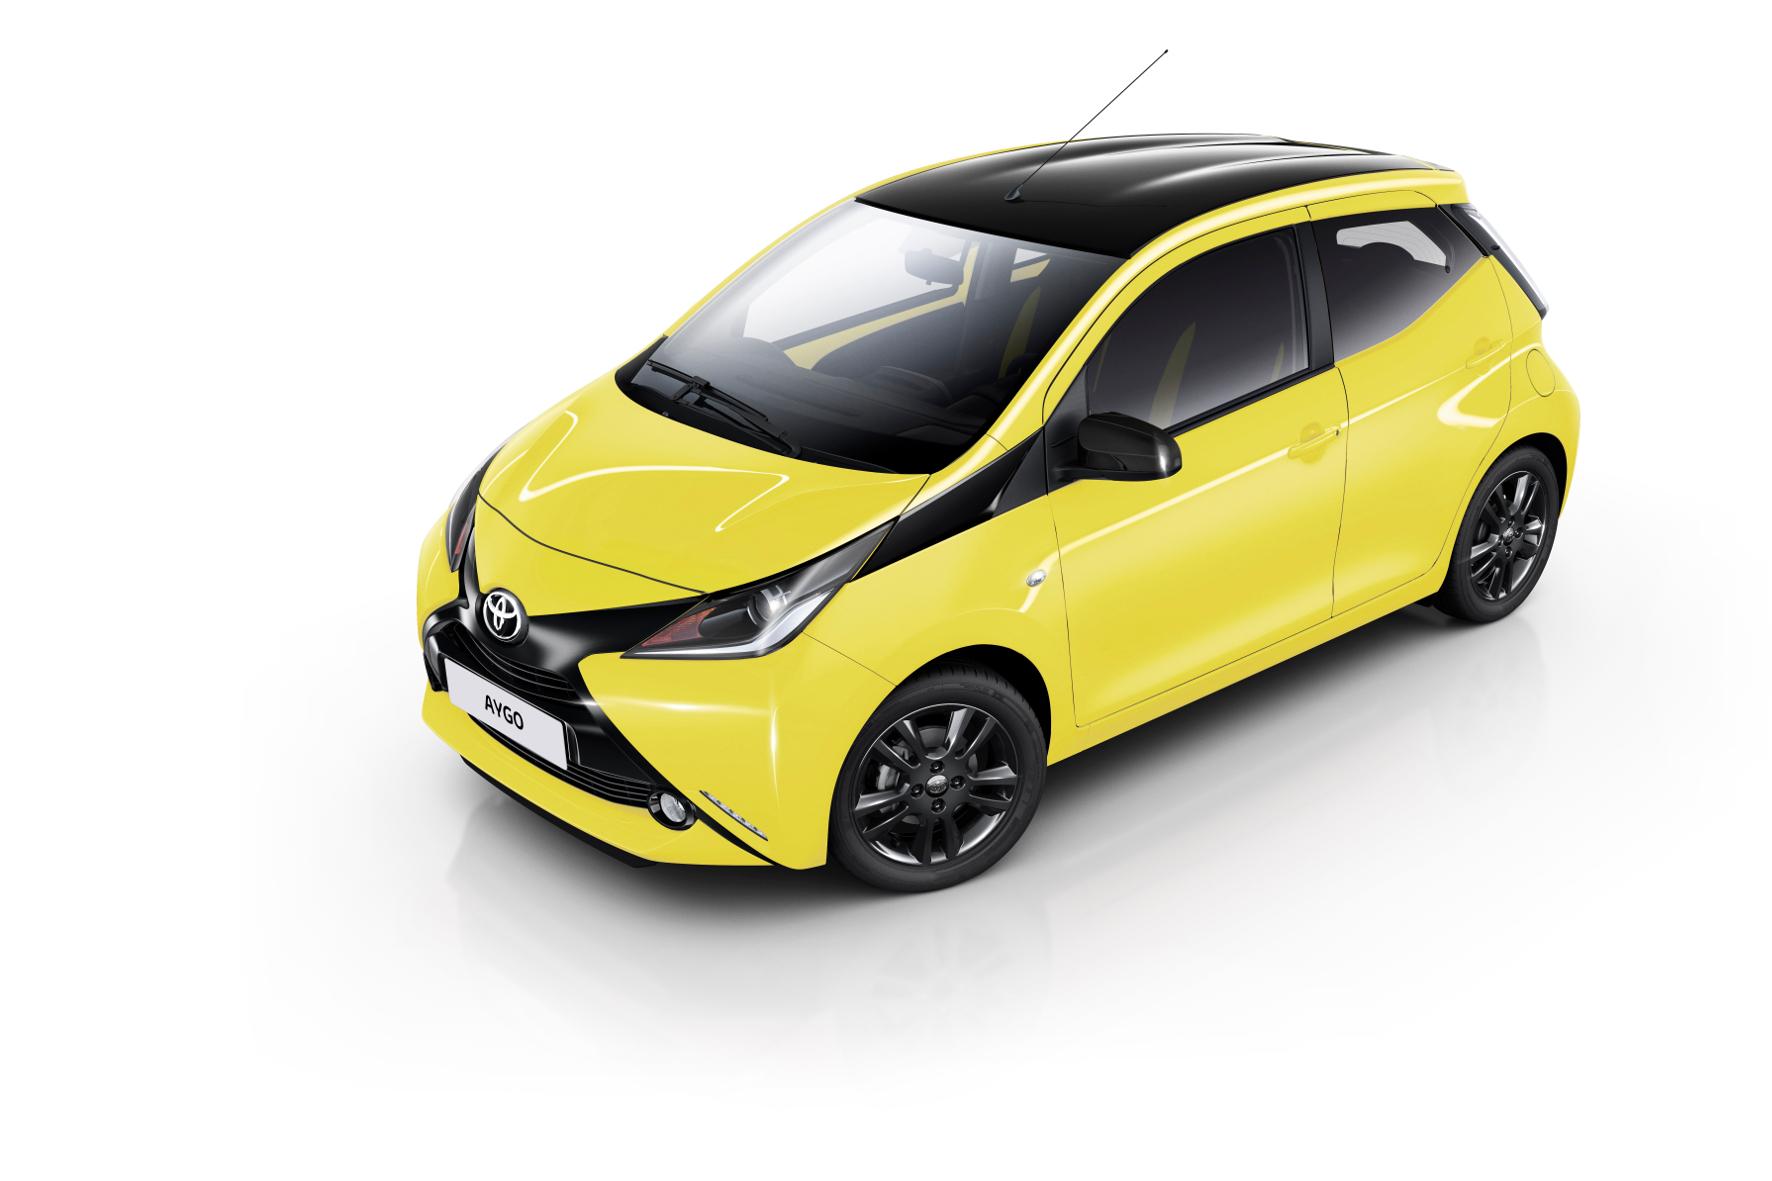 mid Groß-Gerau - Farbenfrohes und wandelbares Sondermodell: der Toyota Aygo x-cite.